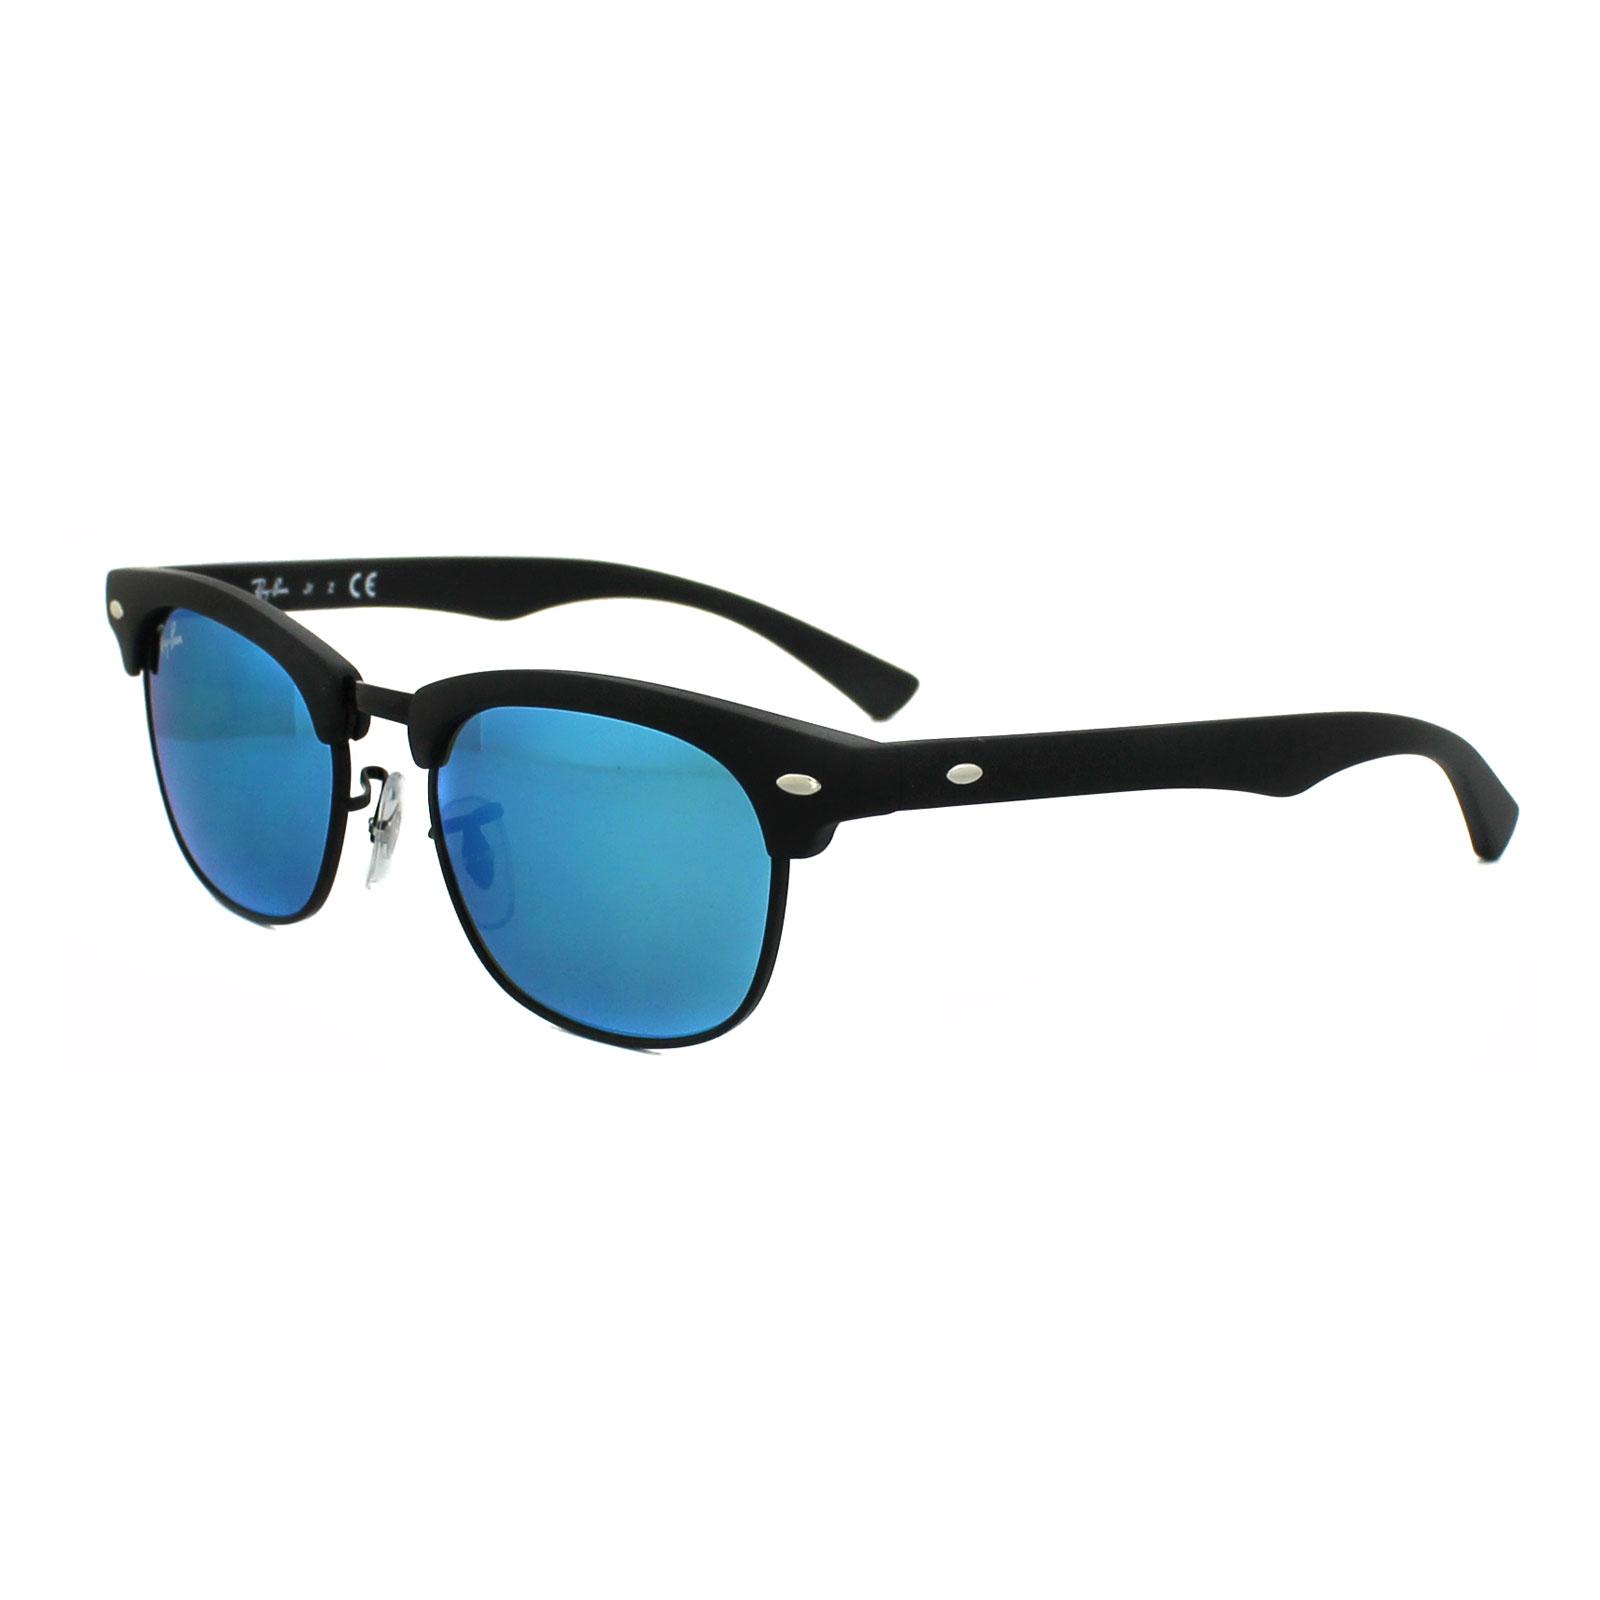 Ray ban junior occhiali da sole 9050 100s55 nero blu flash - Occhiali specchio blu ...